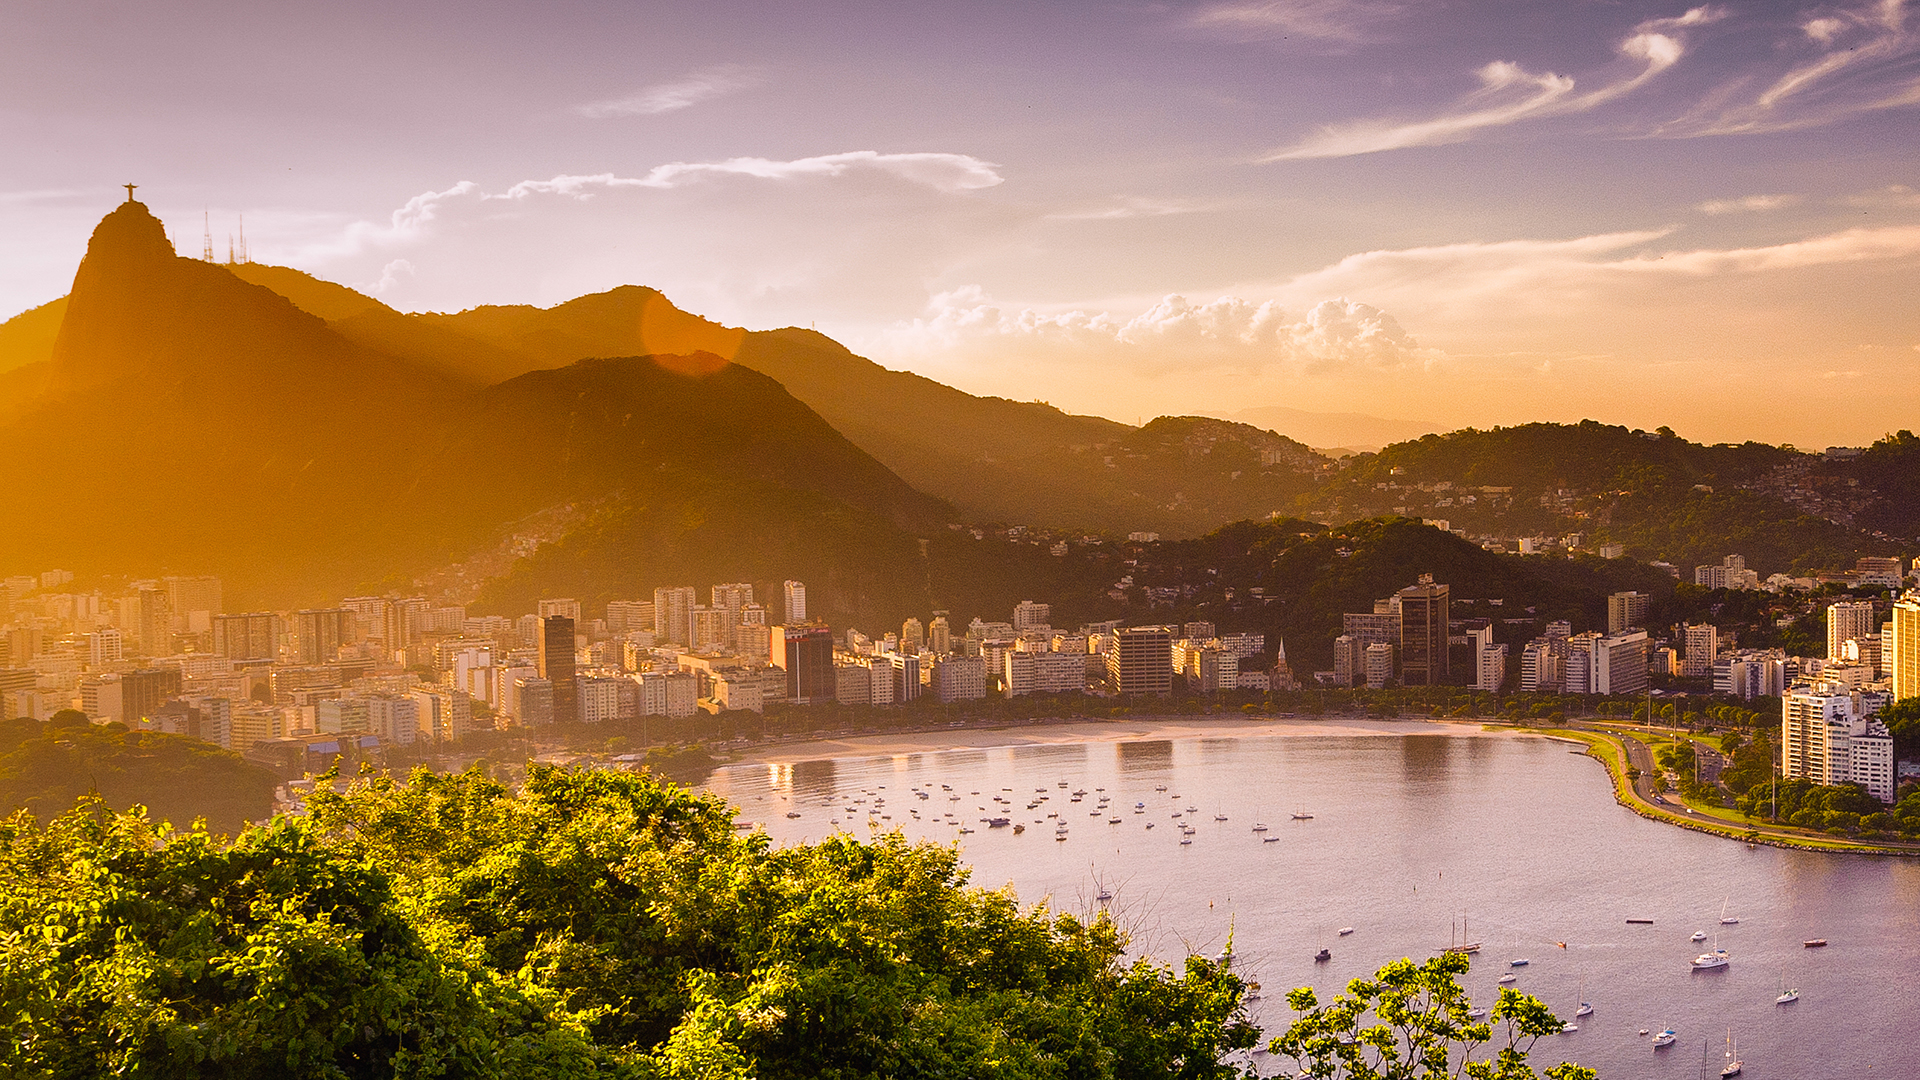 Brasil, uno de los lugares más cautivadores del mundo, es un país de playas de arena blanca, bosques tropicales y metrópolis salvajes y llenas de ritmo